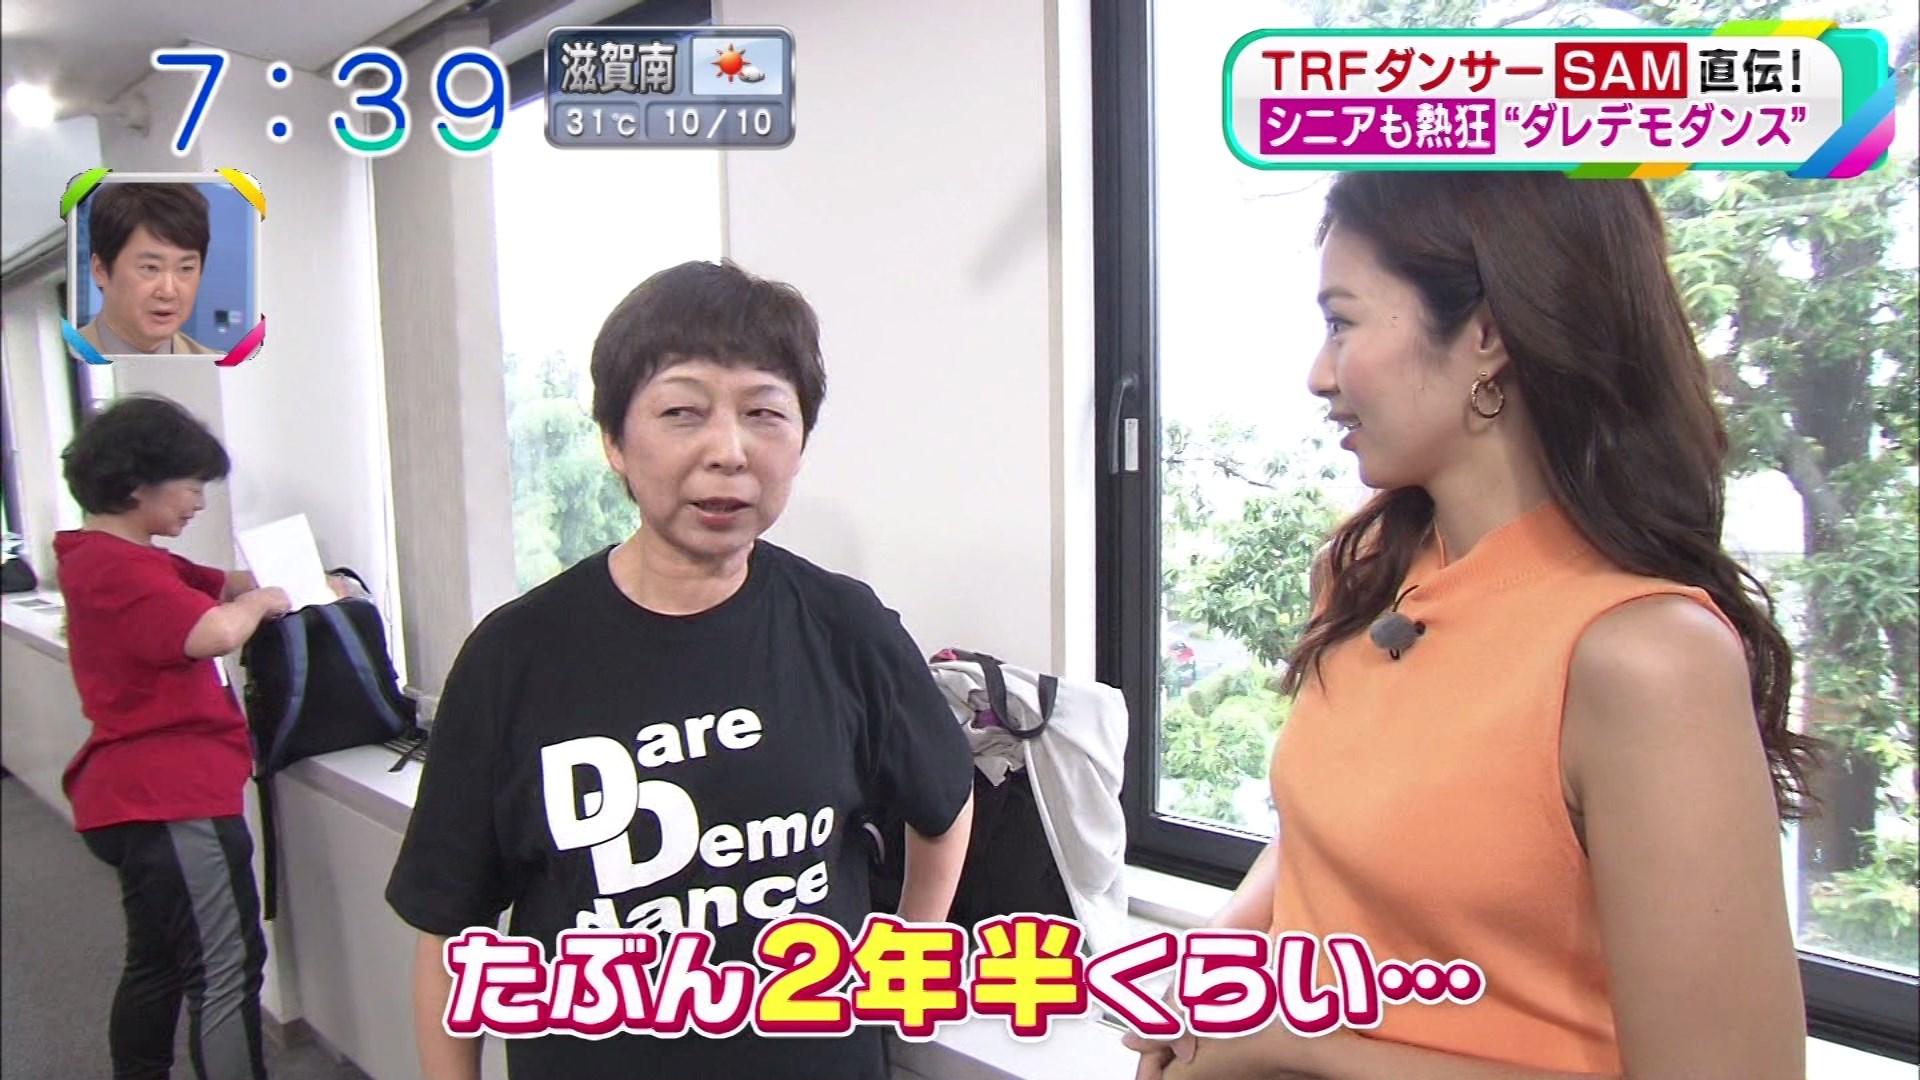 2019年9月16日に放送された「おはよう朝日です」に出演した安藤絵里菜さんのテレビキャプチャー画像-035